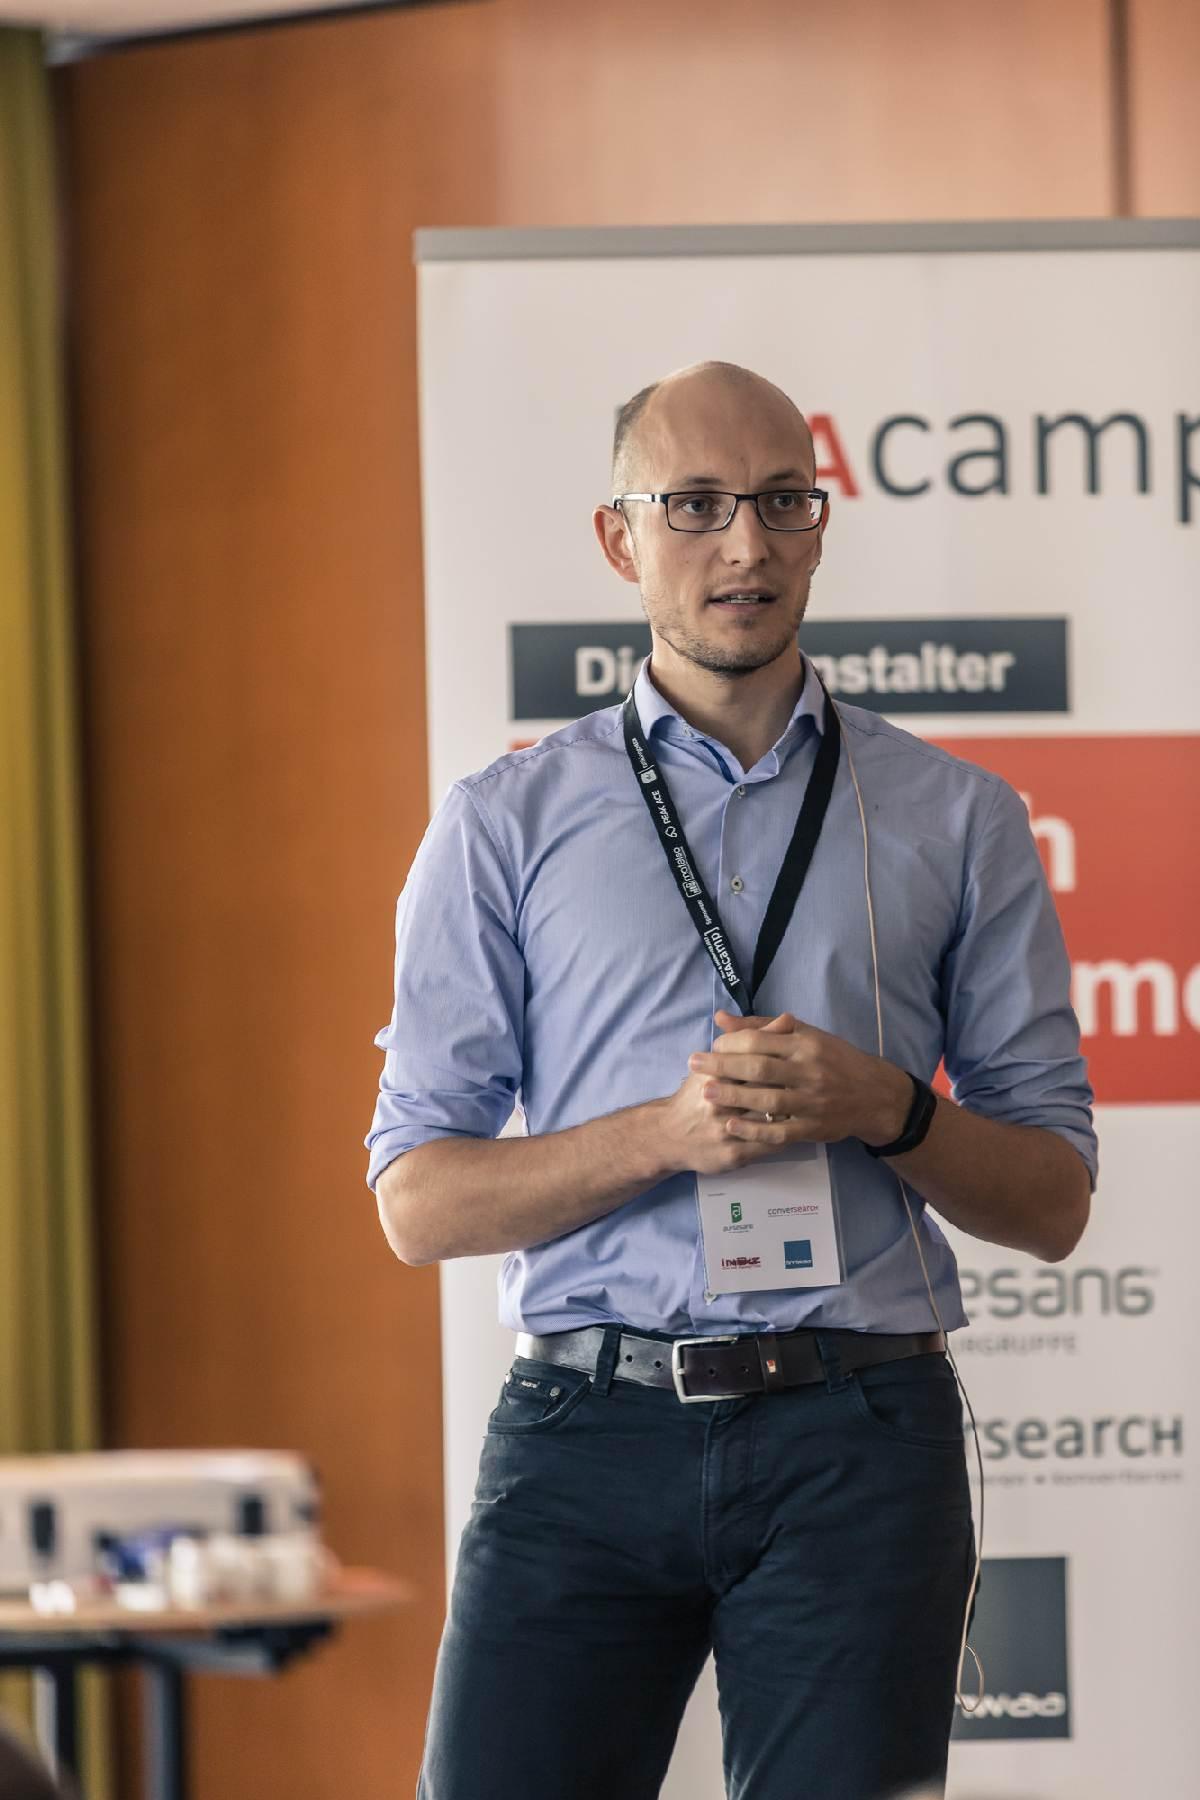 hannover_2017_SEAcamp-640